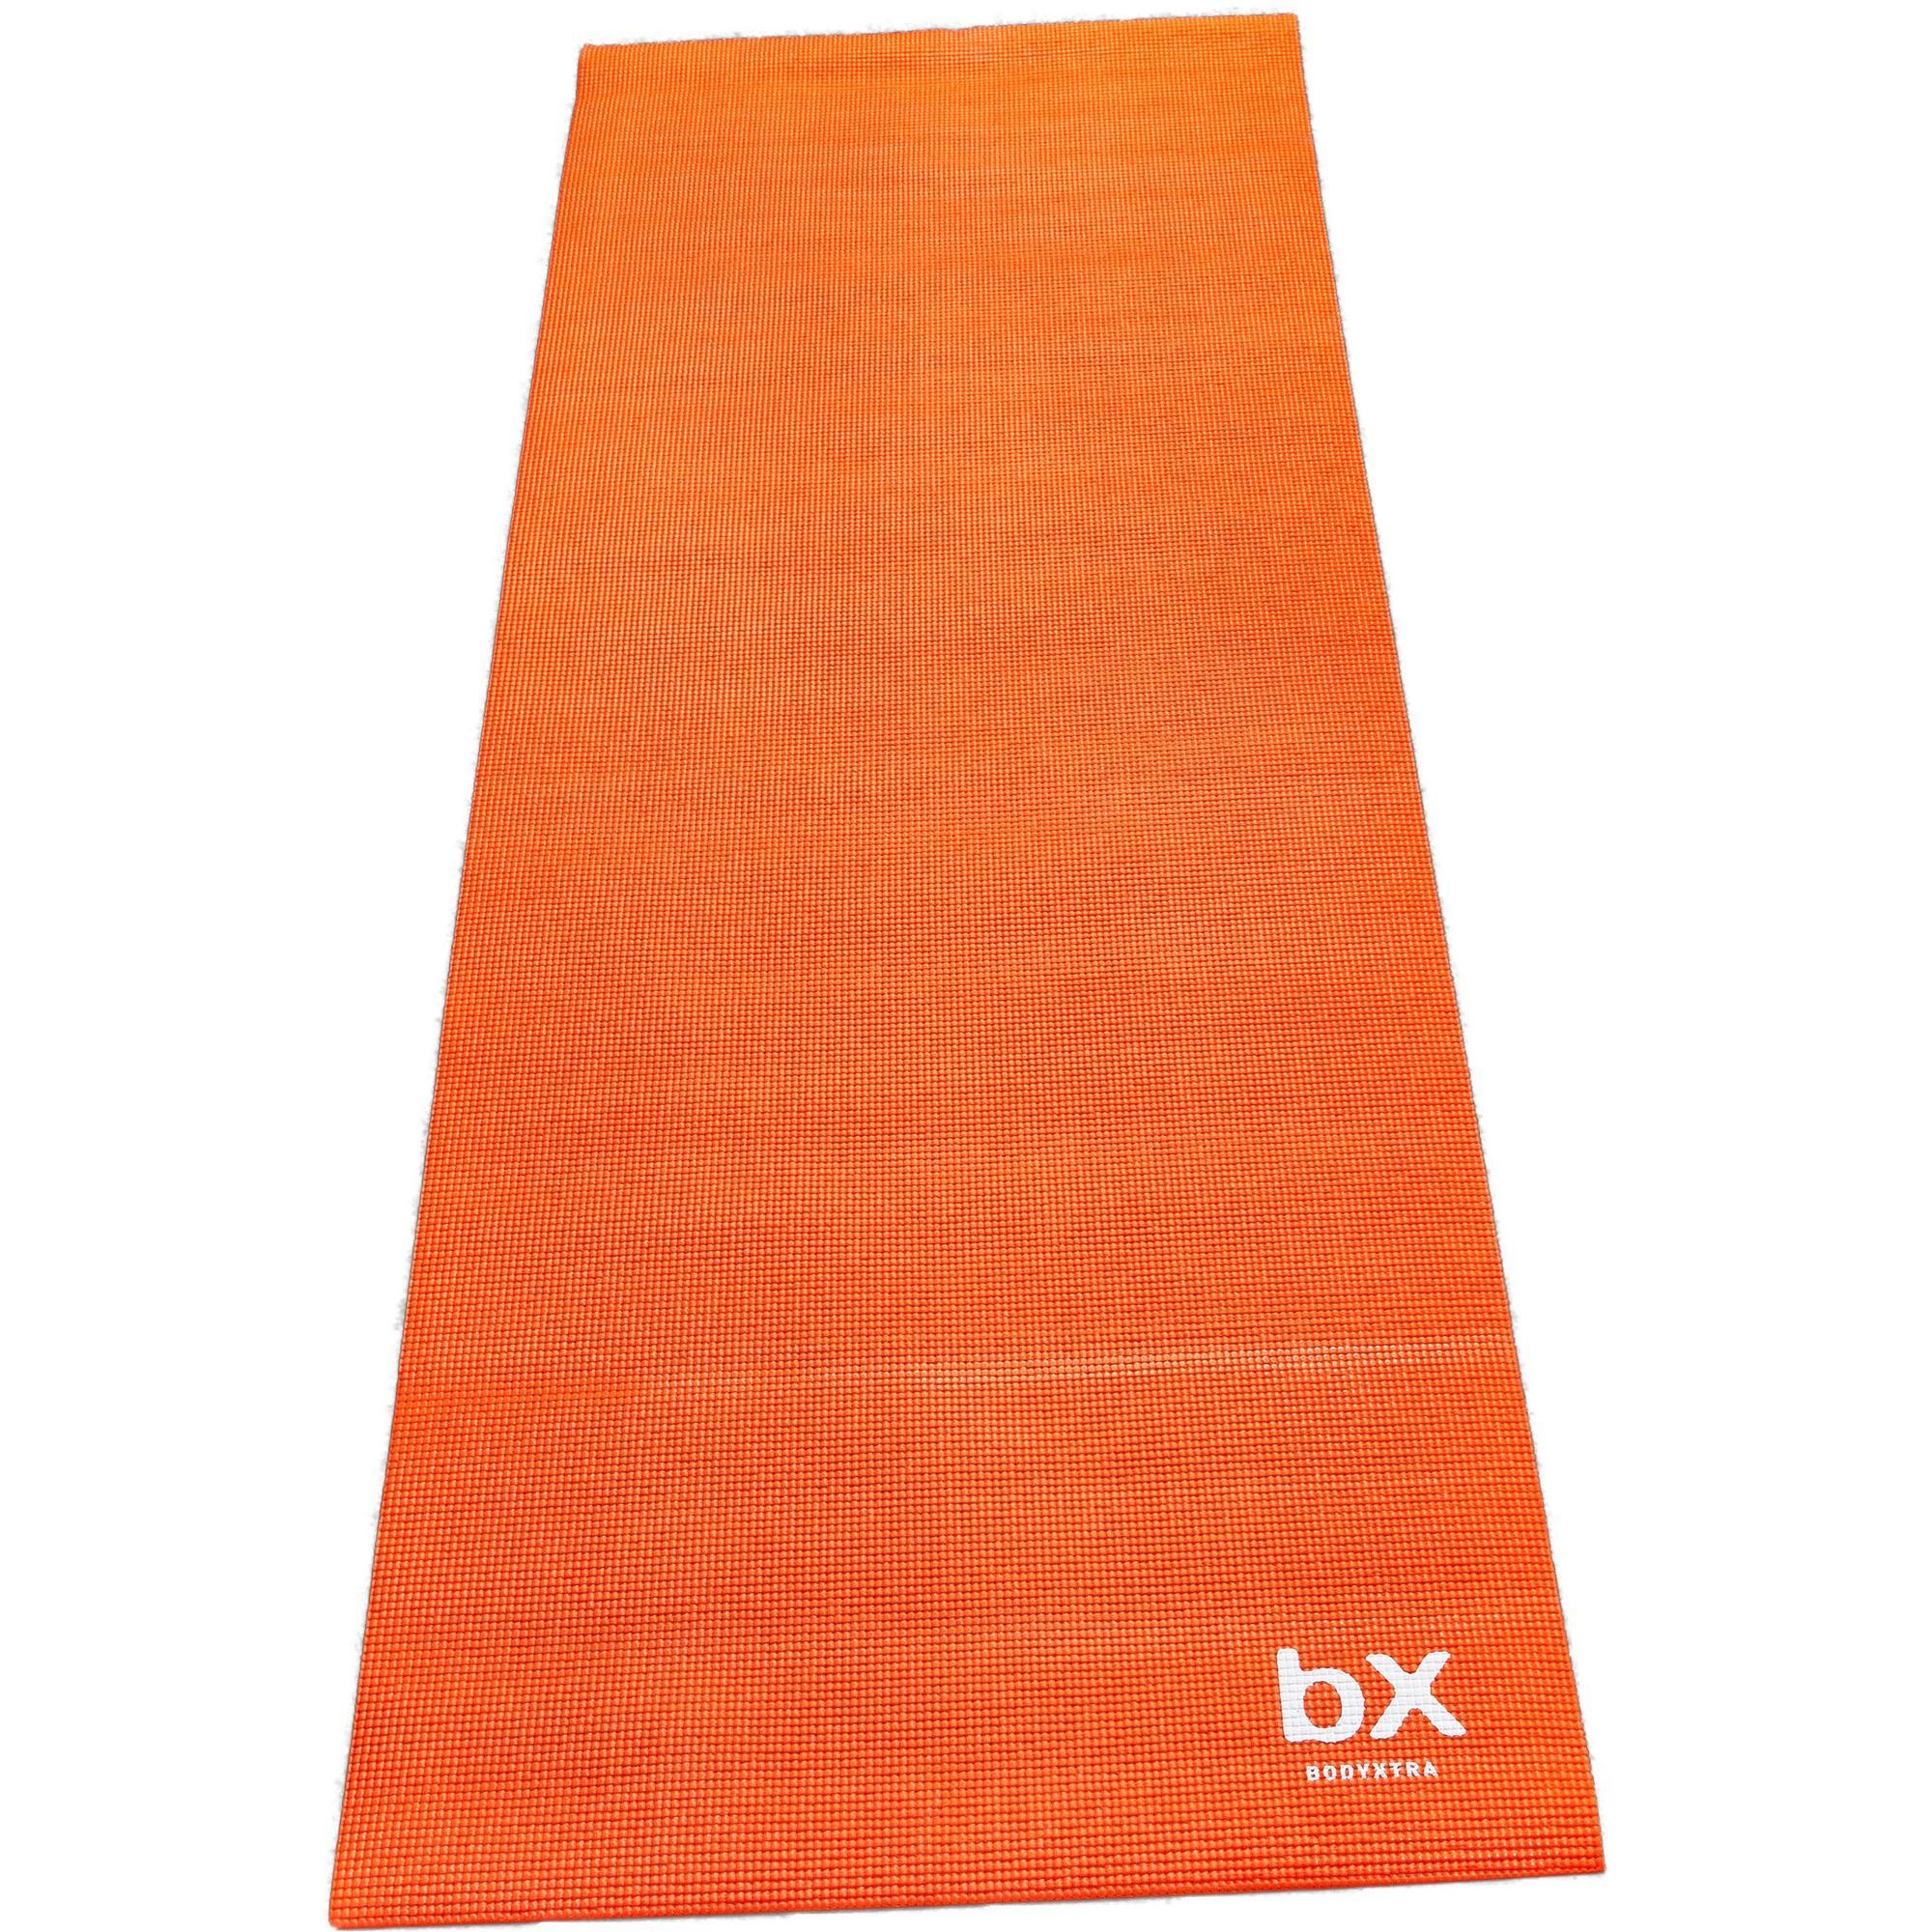 BODYXTRA 5mm Pvc Yoga Mat